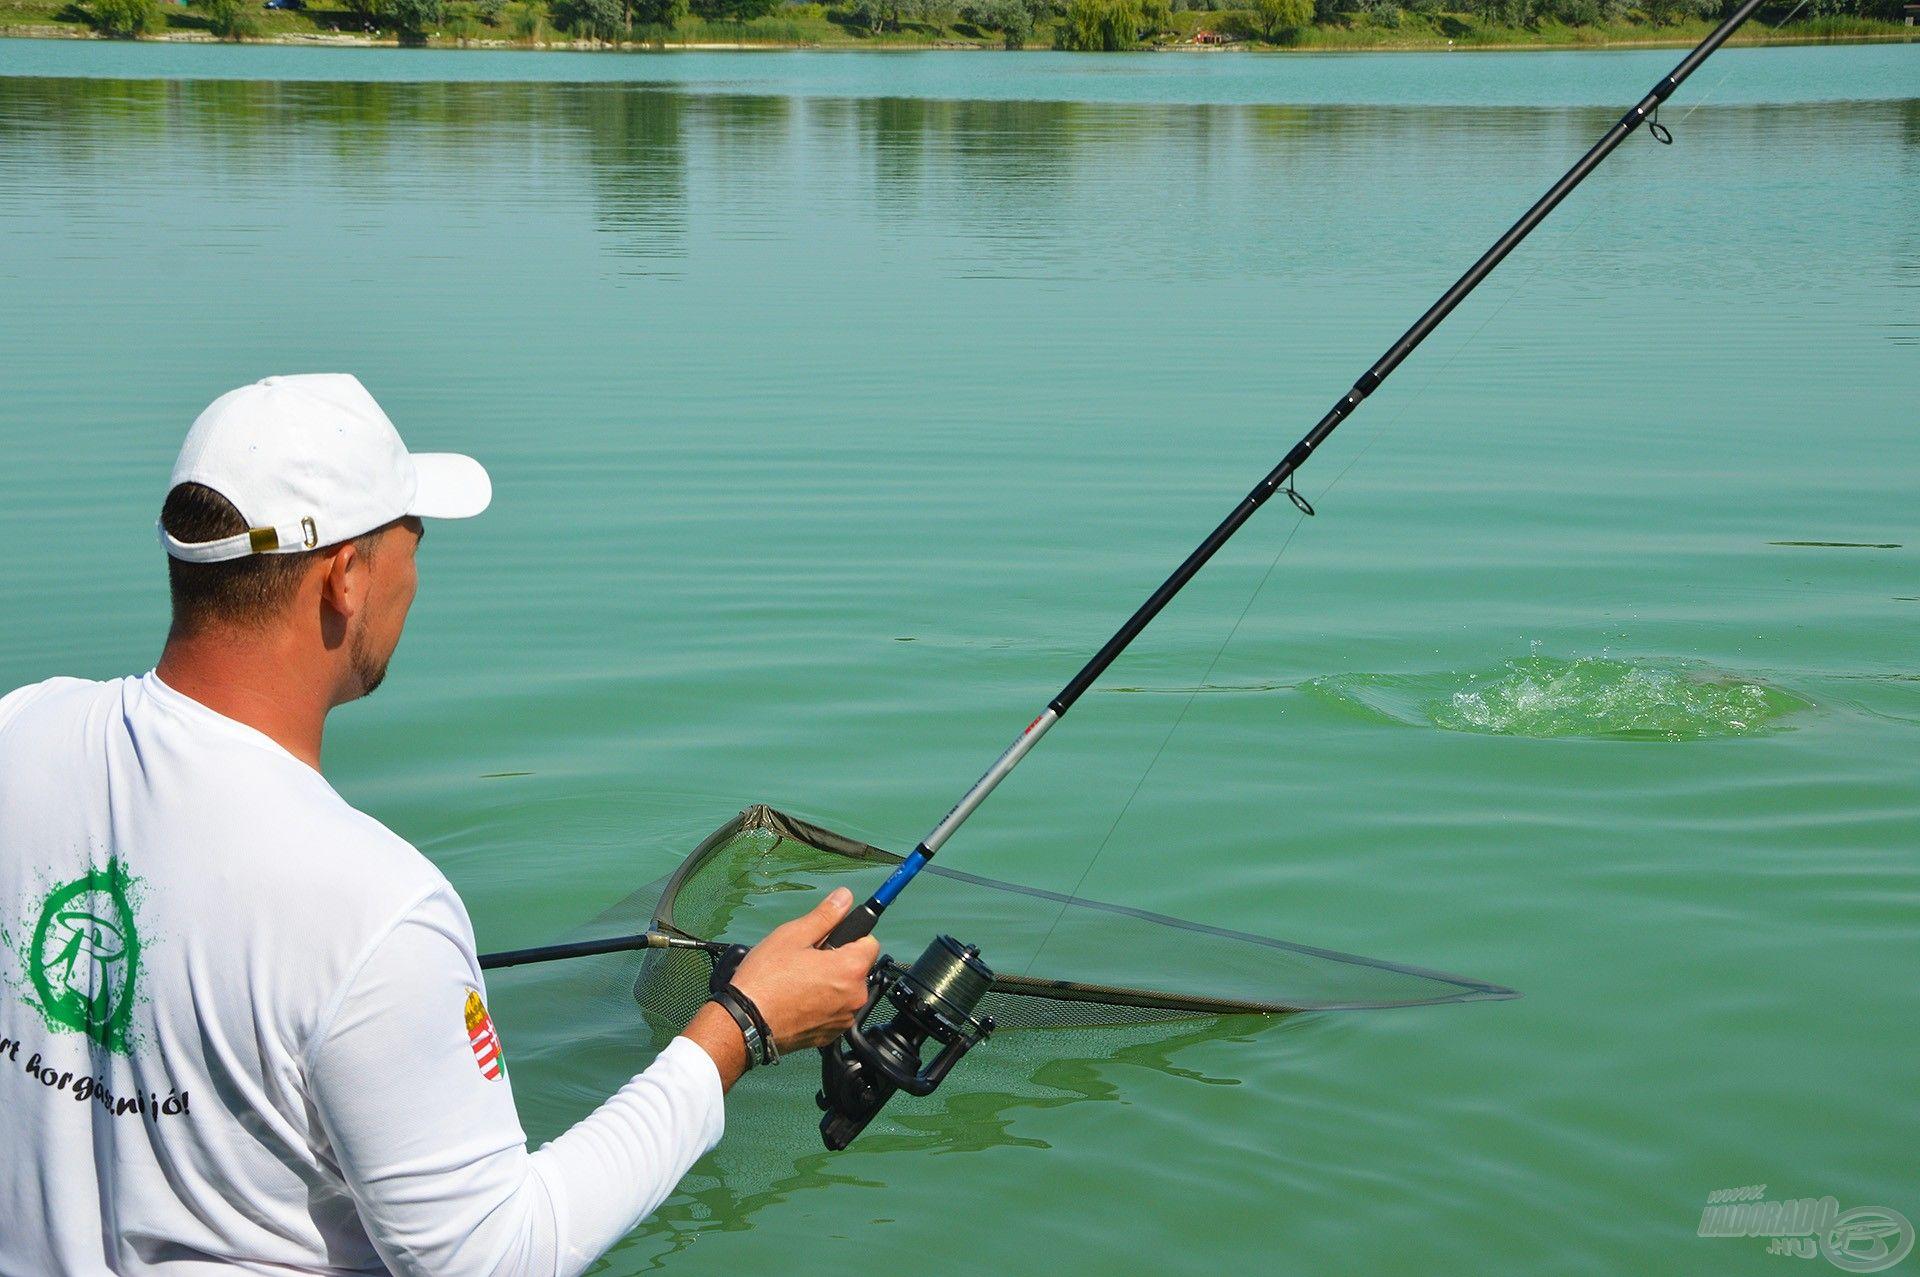 A nyári hőségben fantasztikus érzés volt a hűsítő vízben állva fárasztani a halakat